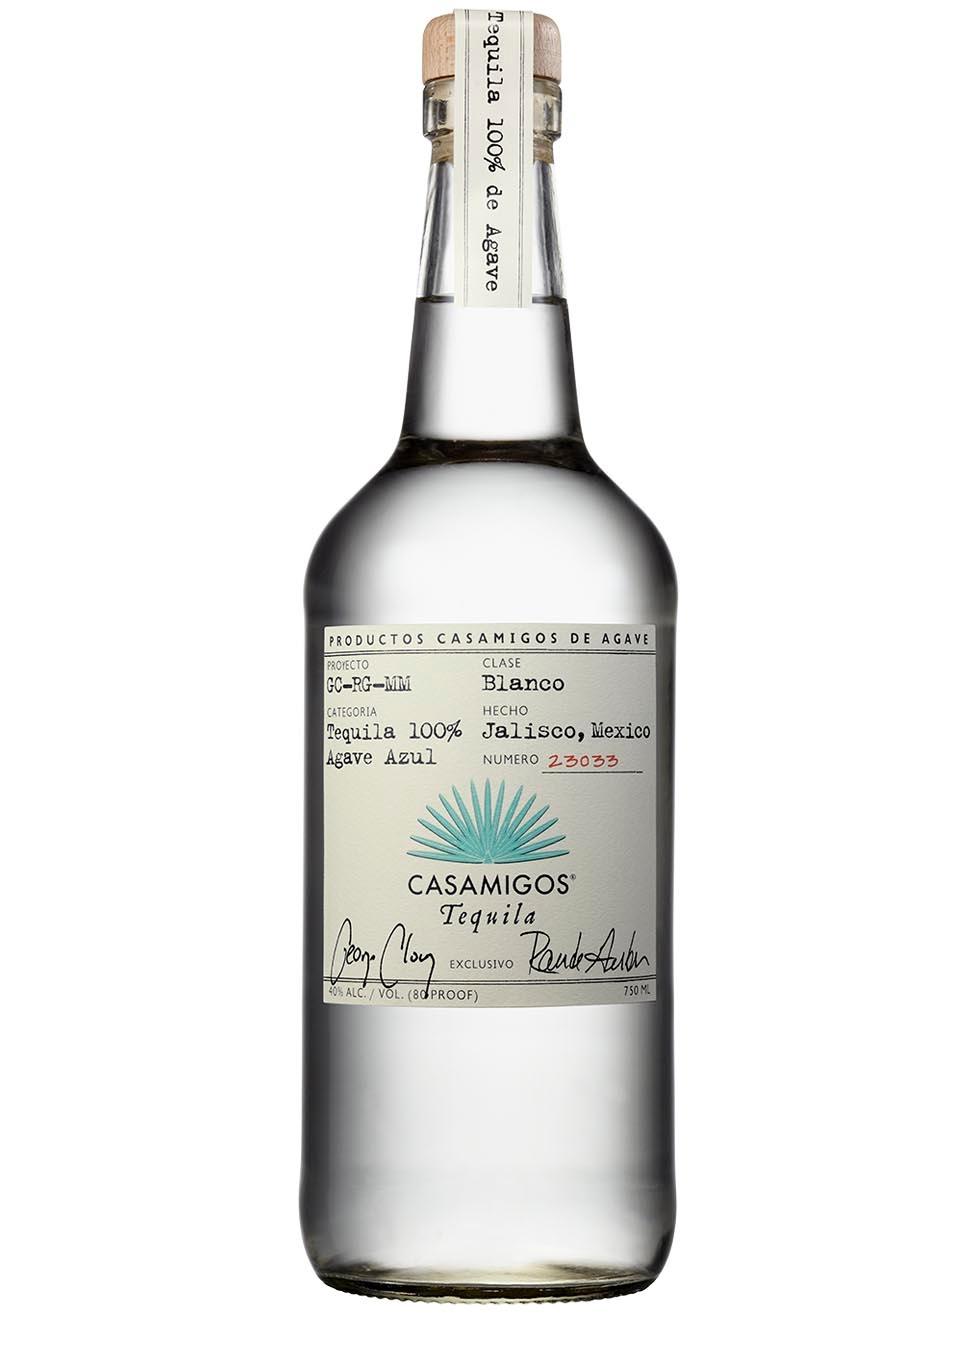 BRAND NEW Casamigos Sunglasses Tequila